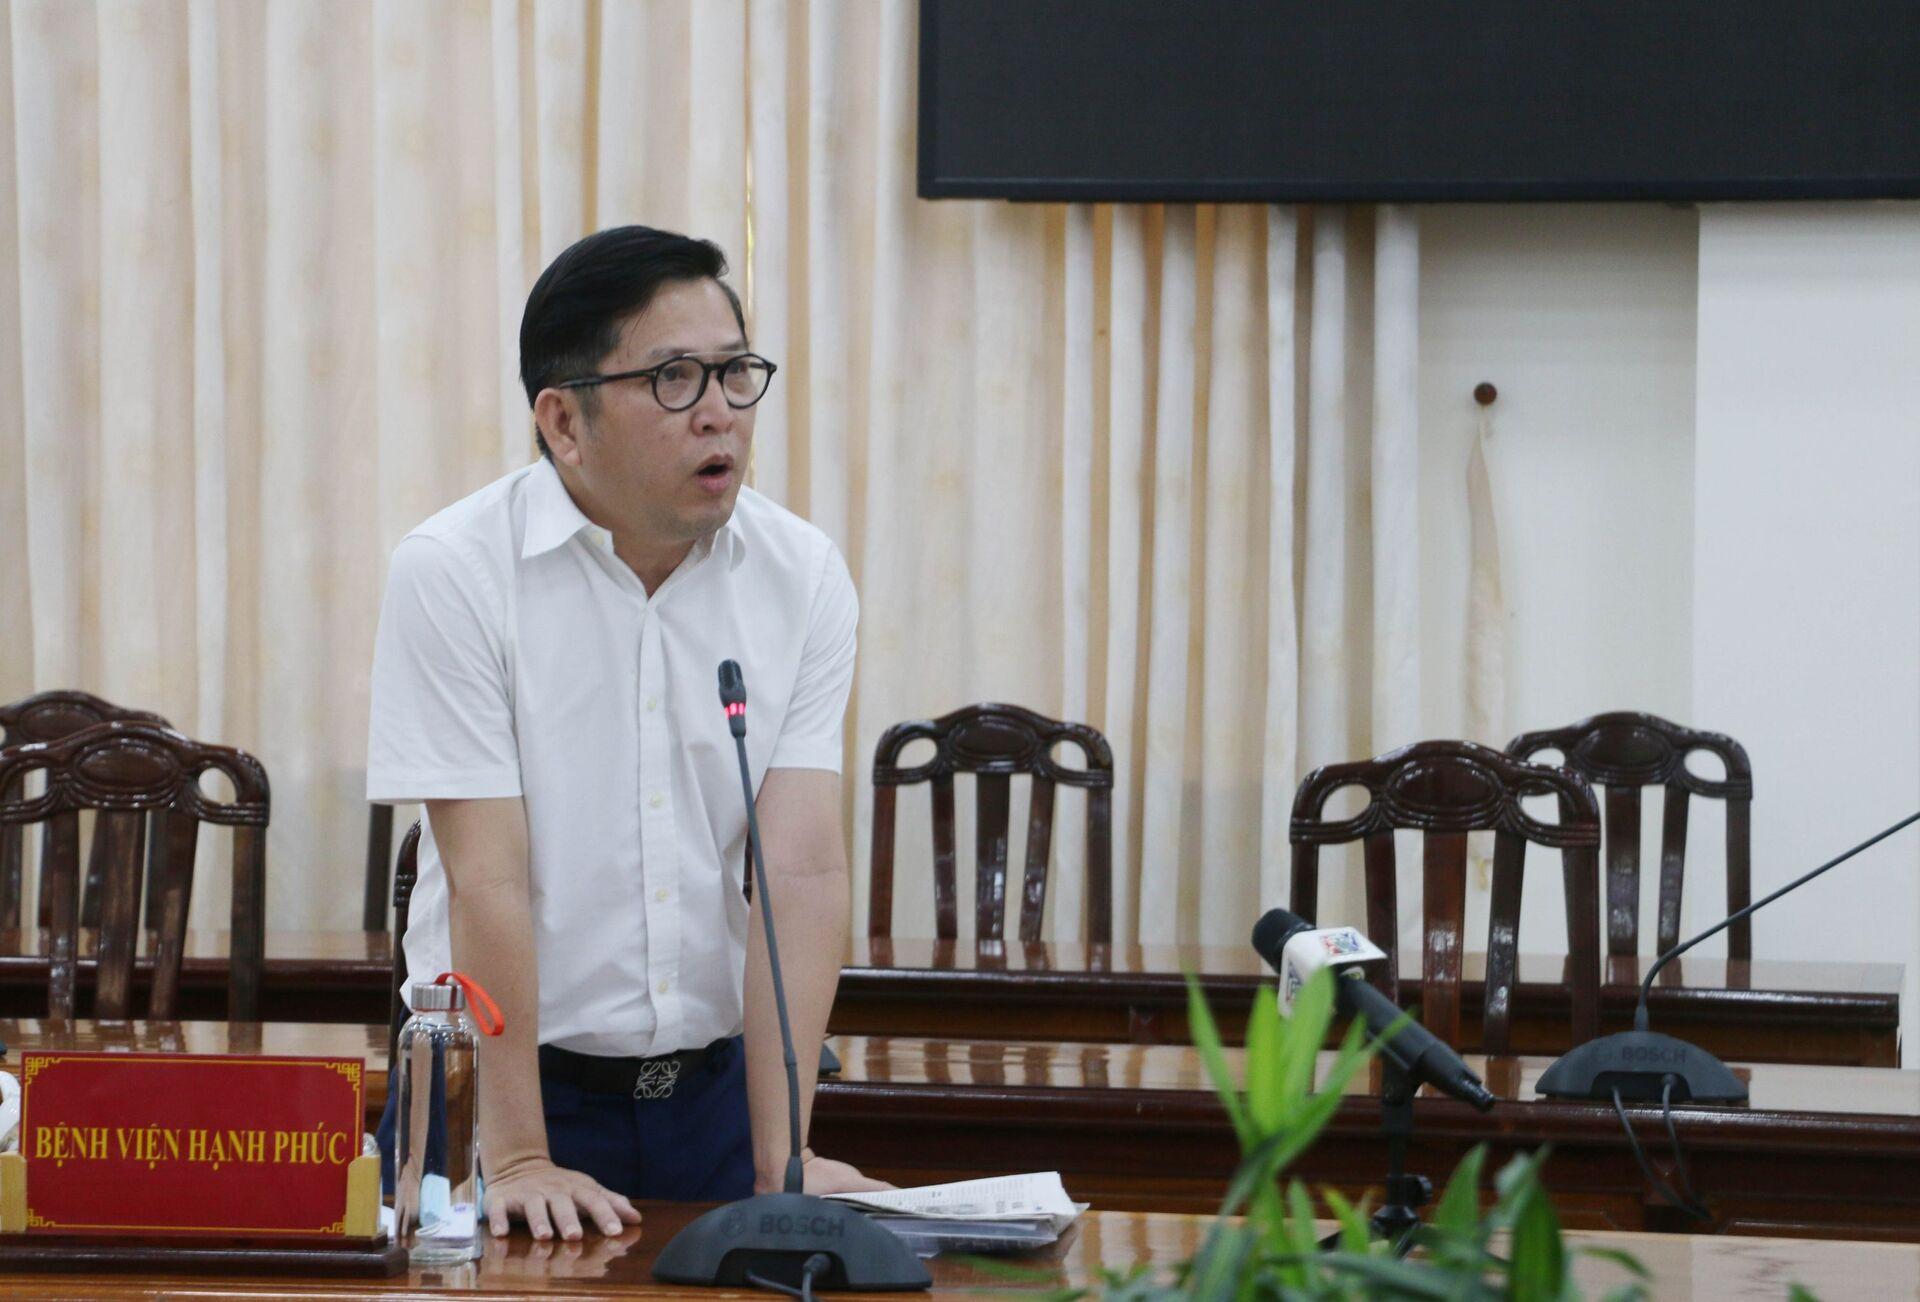 Xử lý việc thông báo 'tiêm dịch vụ' vaccine ngừa Covid-19 ở Bệnh viện Đa khoa Hạnh Phúc - Sputnik Việt Nam, 1920, 16.07.2021